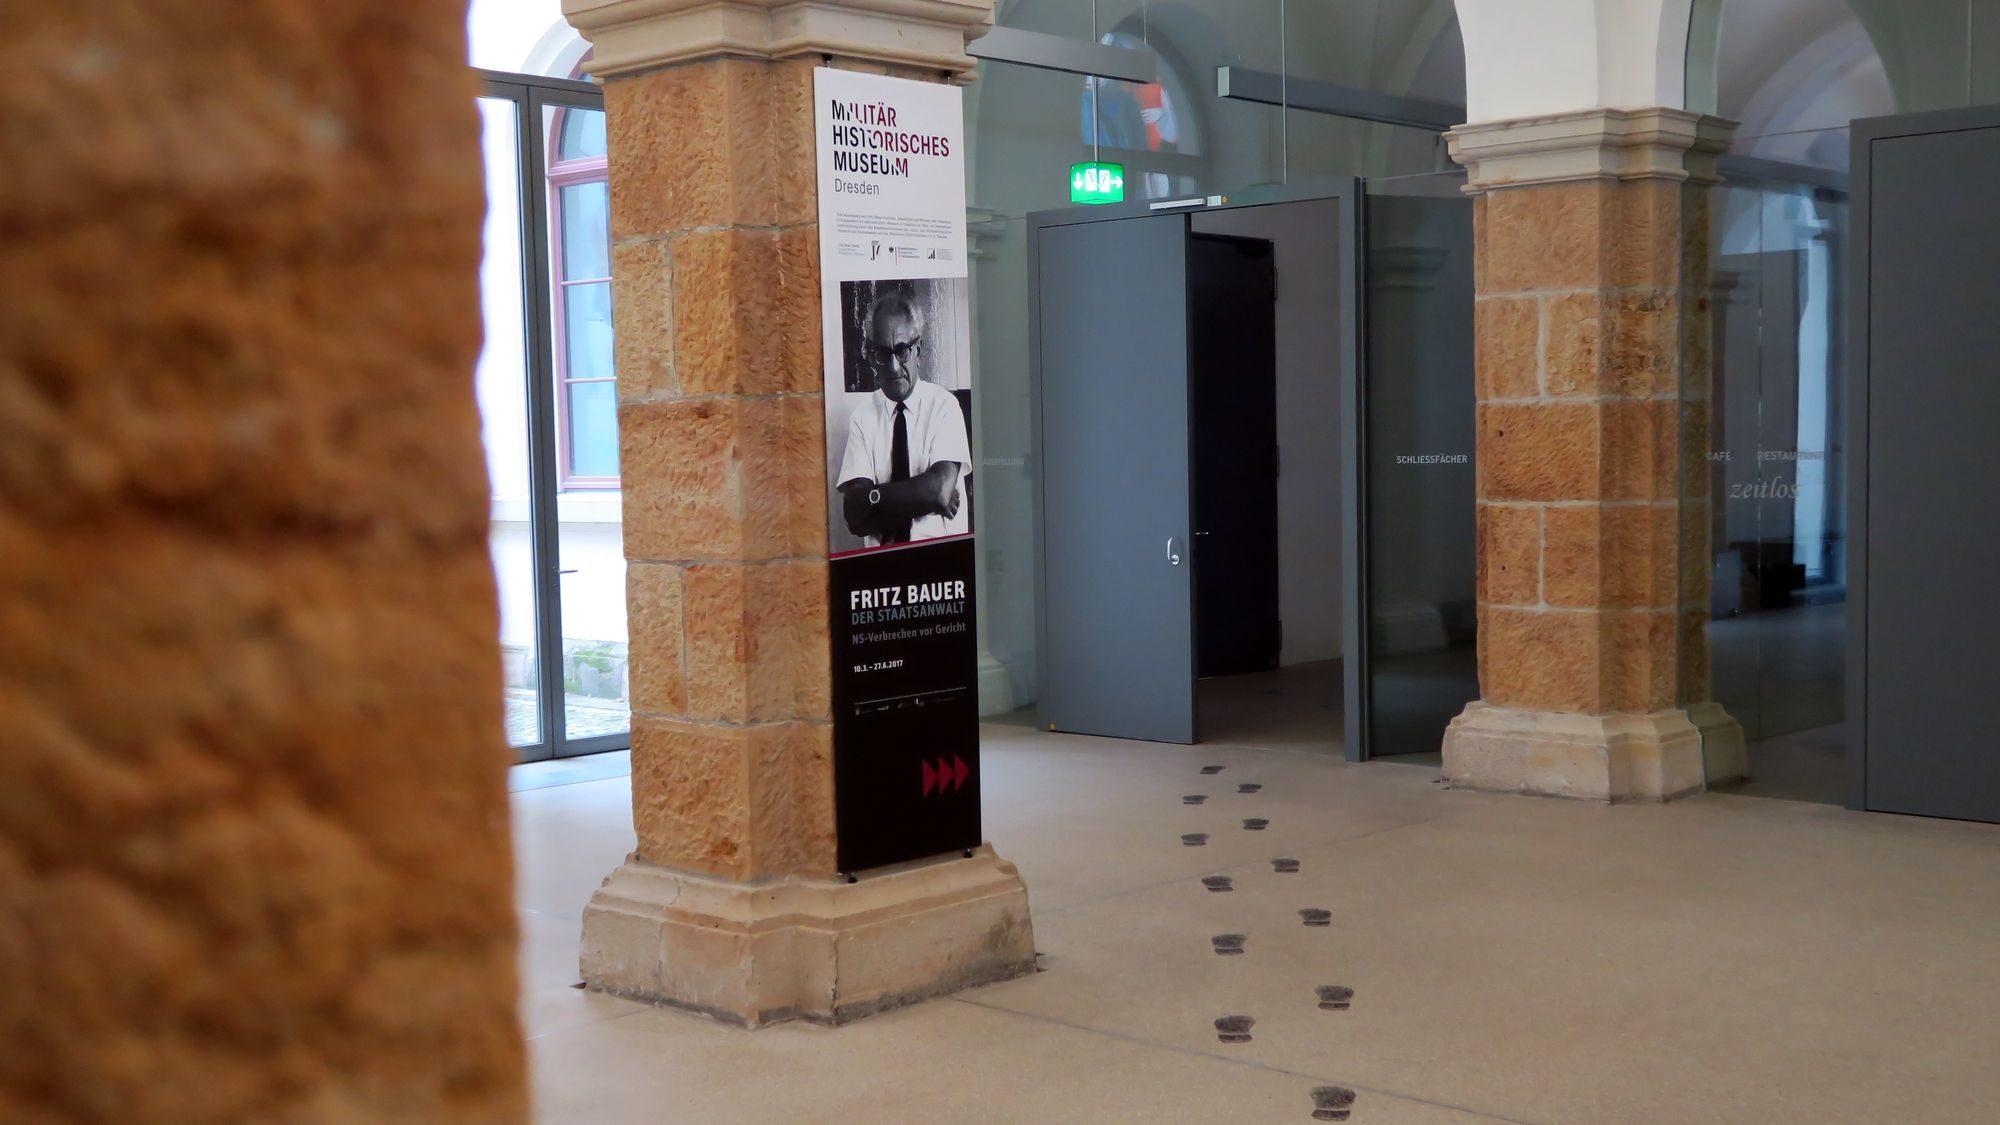 Fritz-Bauer-Ausstellung im Militärhistorischen Museum